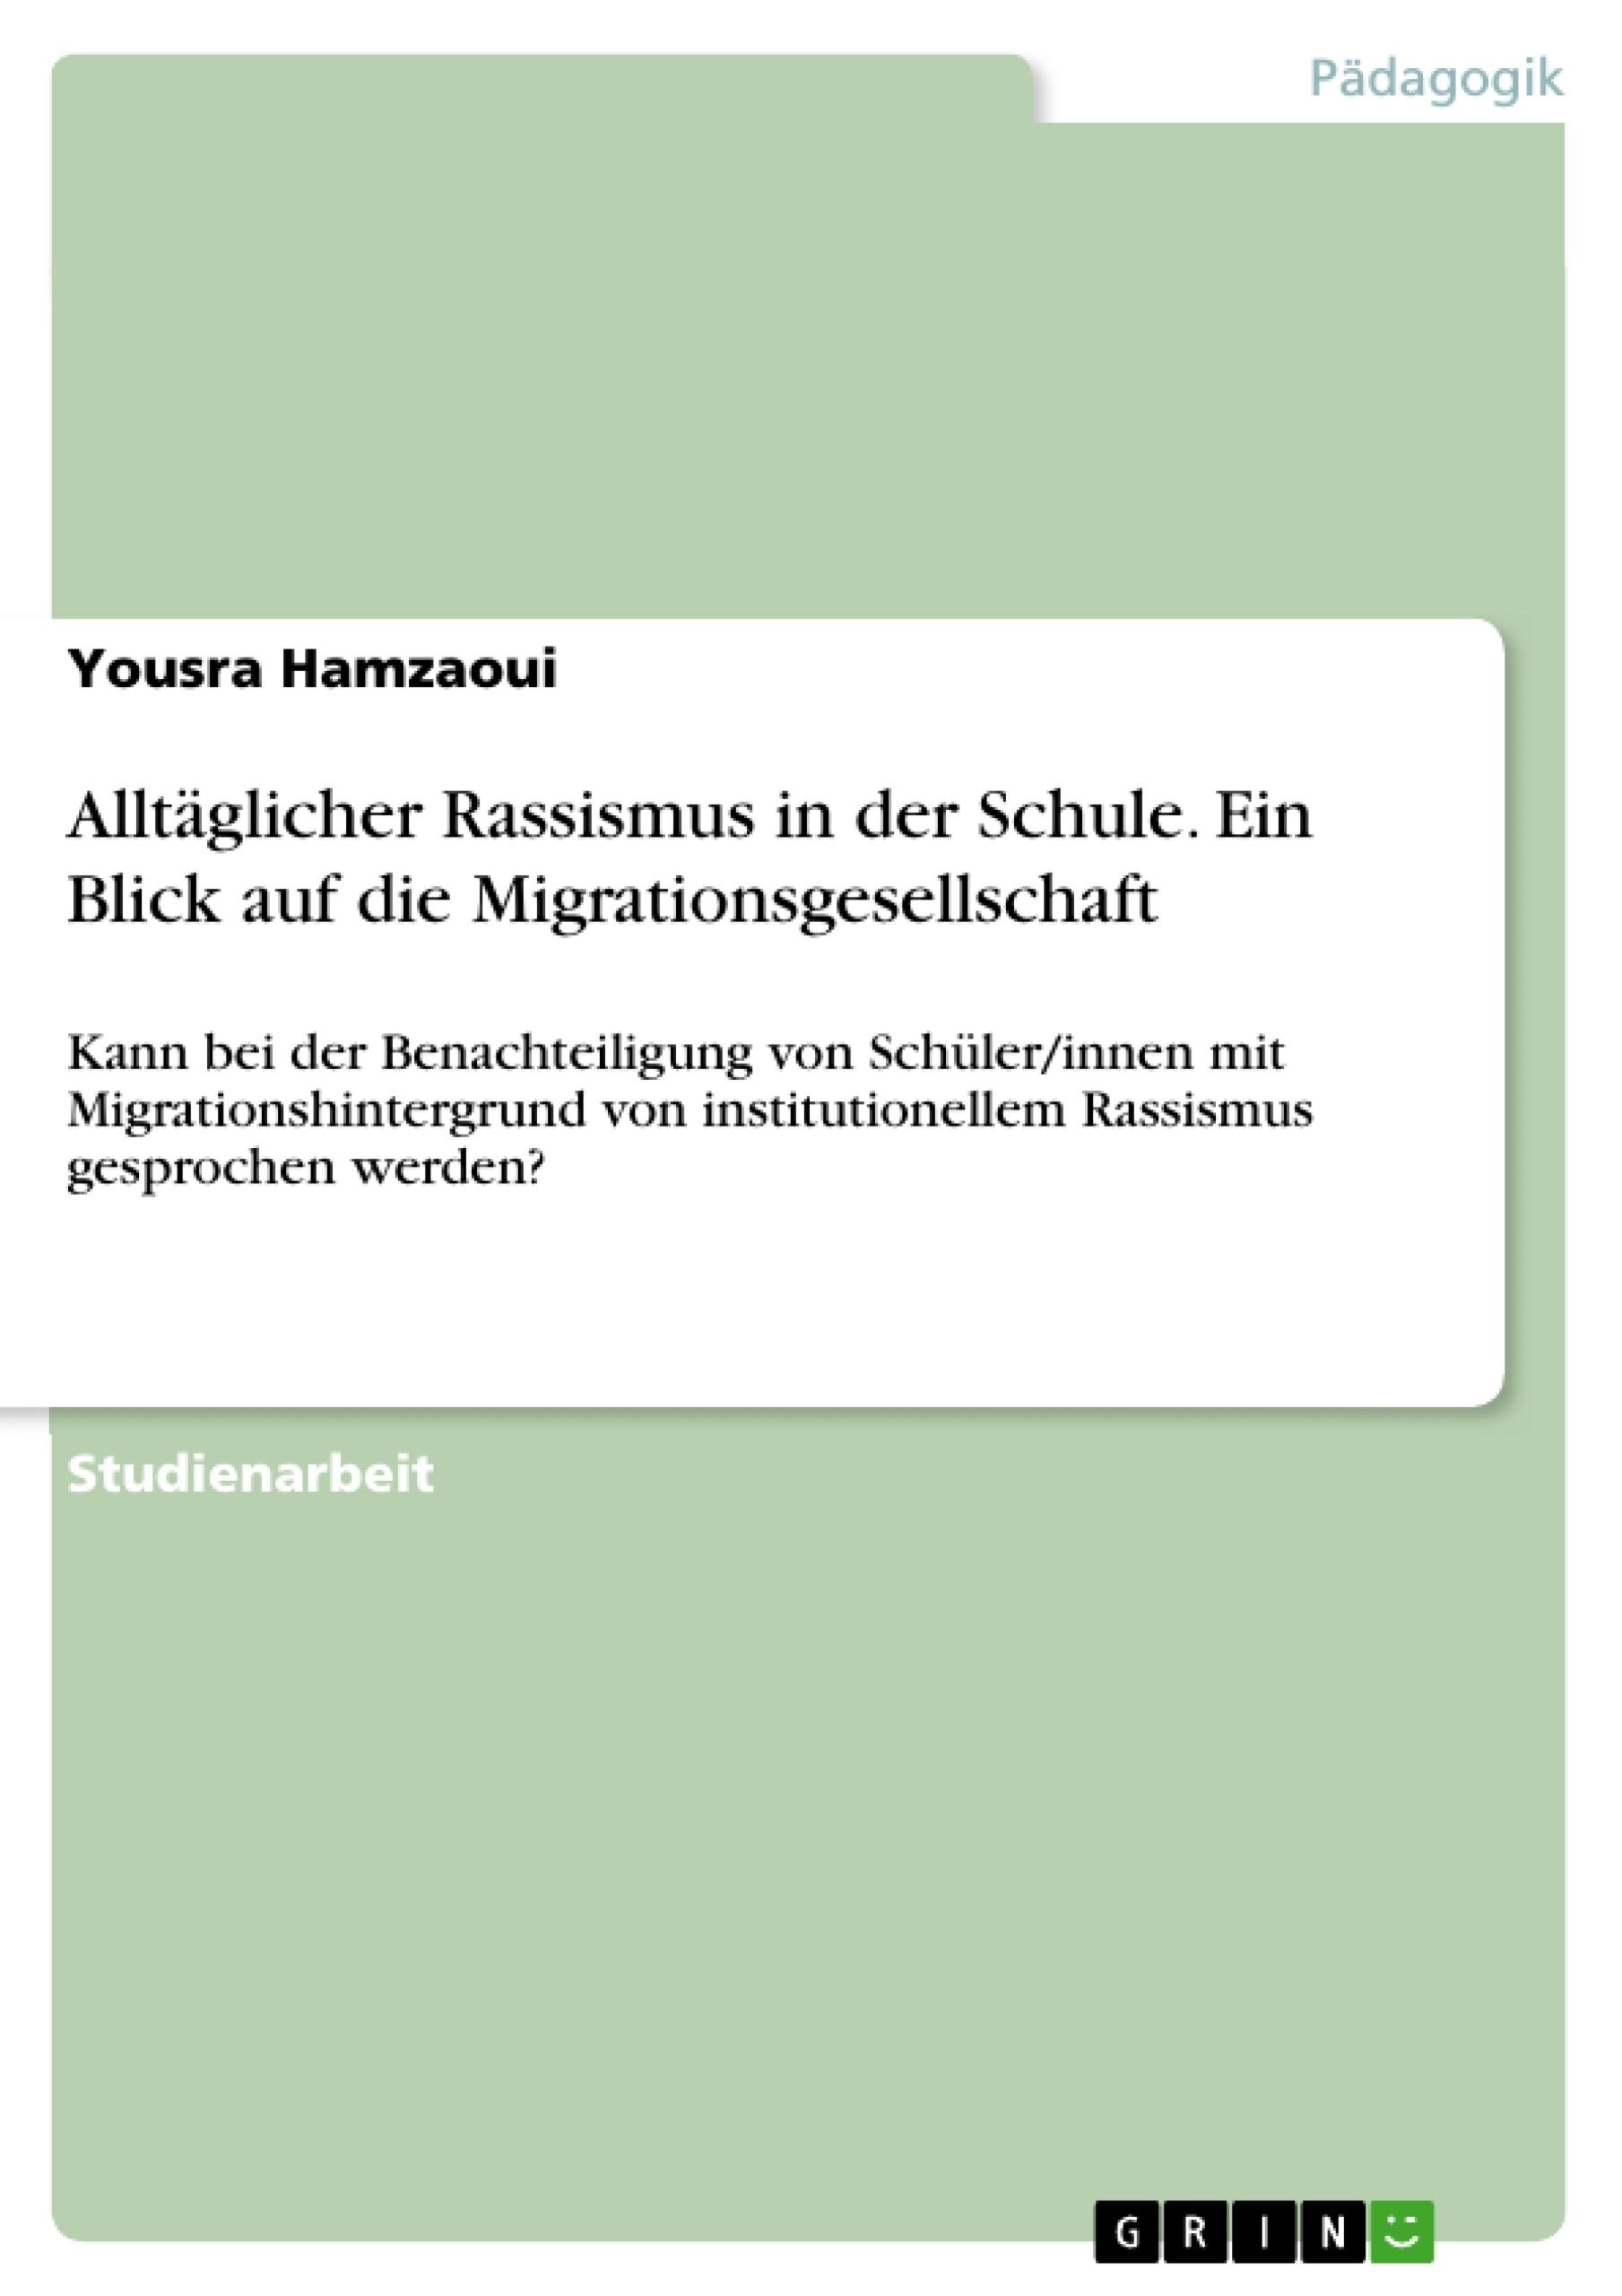 Titel: Alltäglicher Rassismus in der Schule. Ein Blick auf die Migrationsgesellschaft